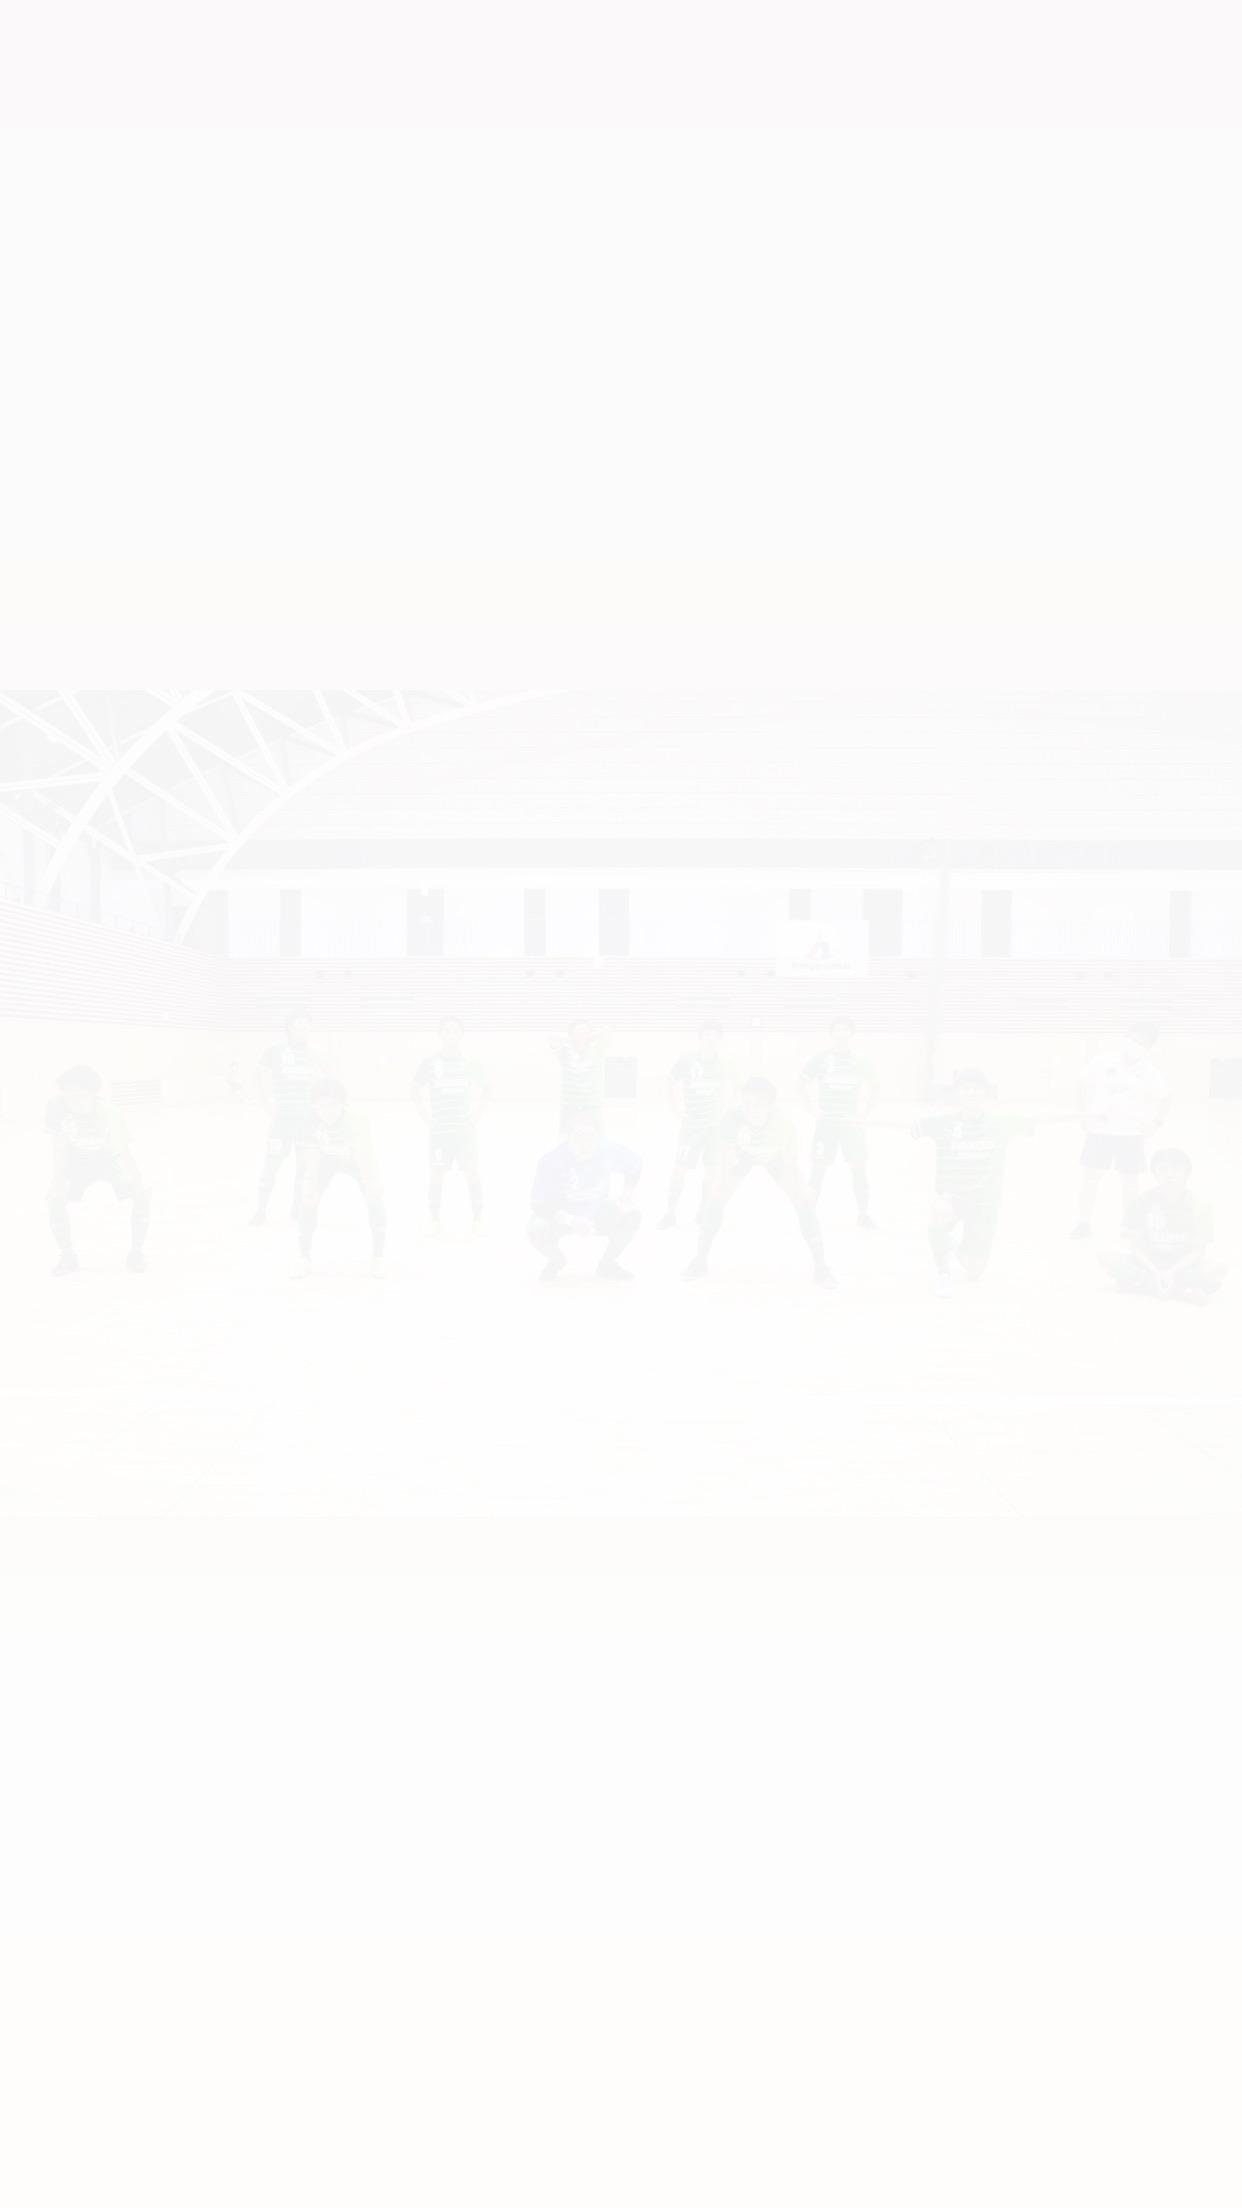 OQEW9126[1]